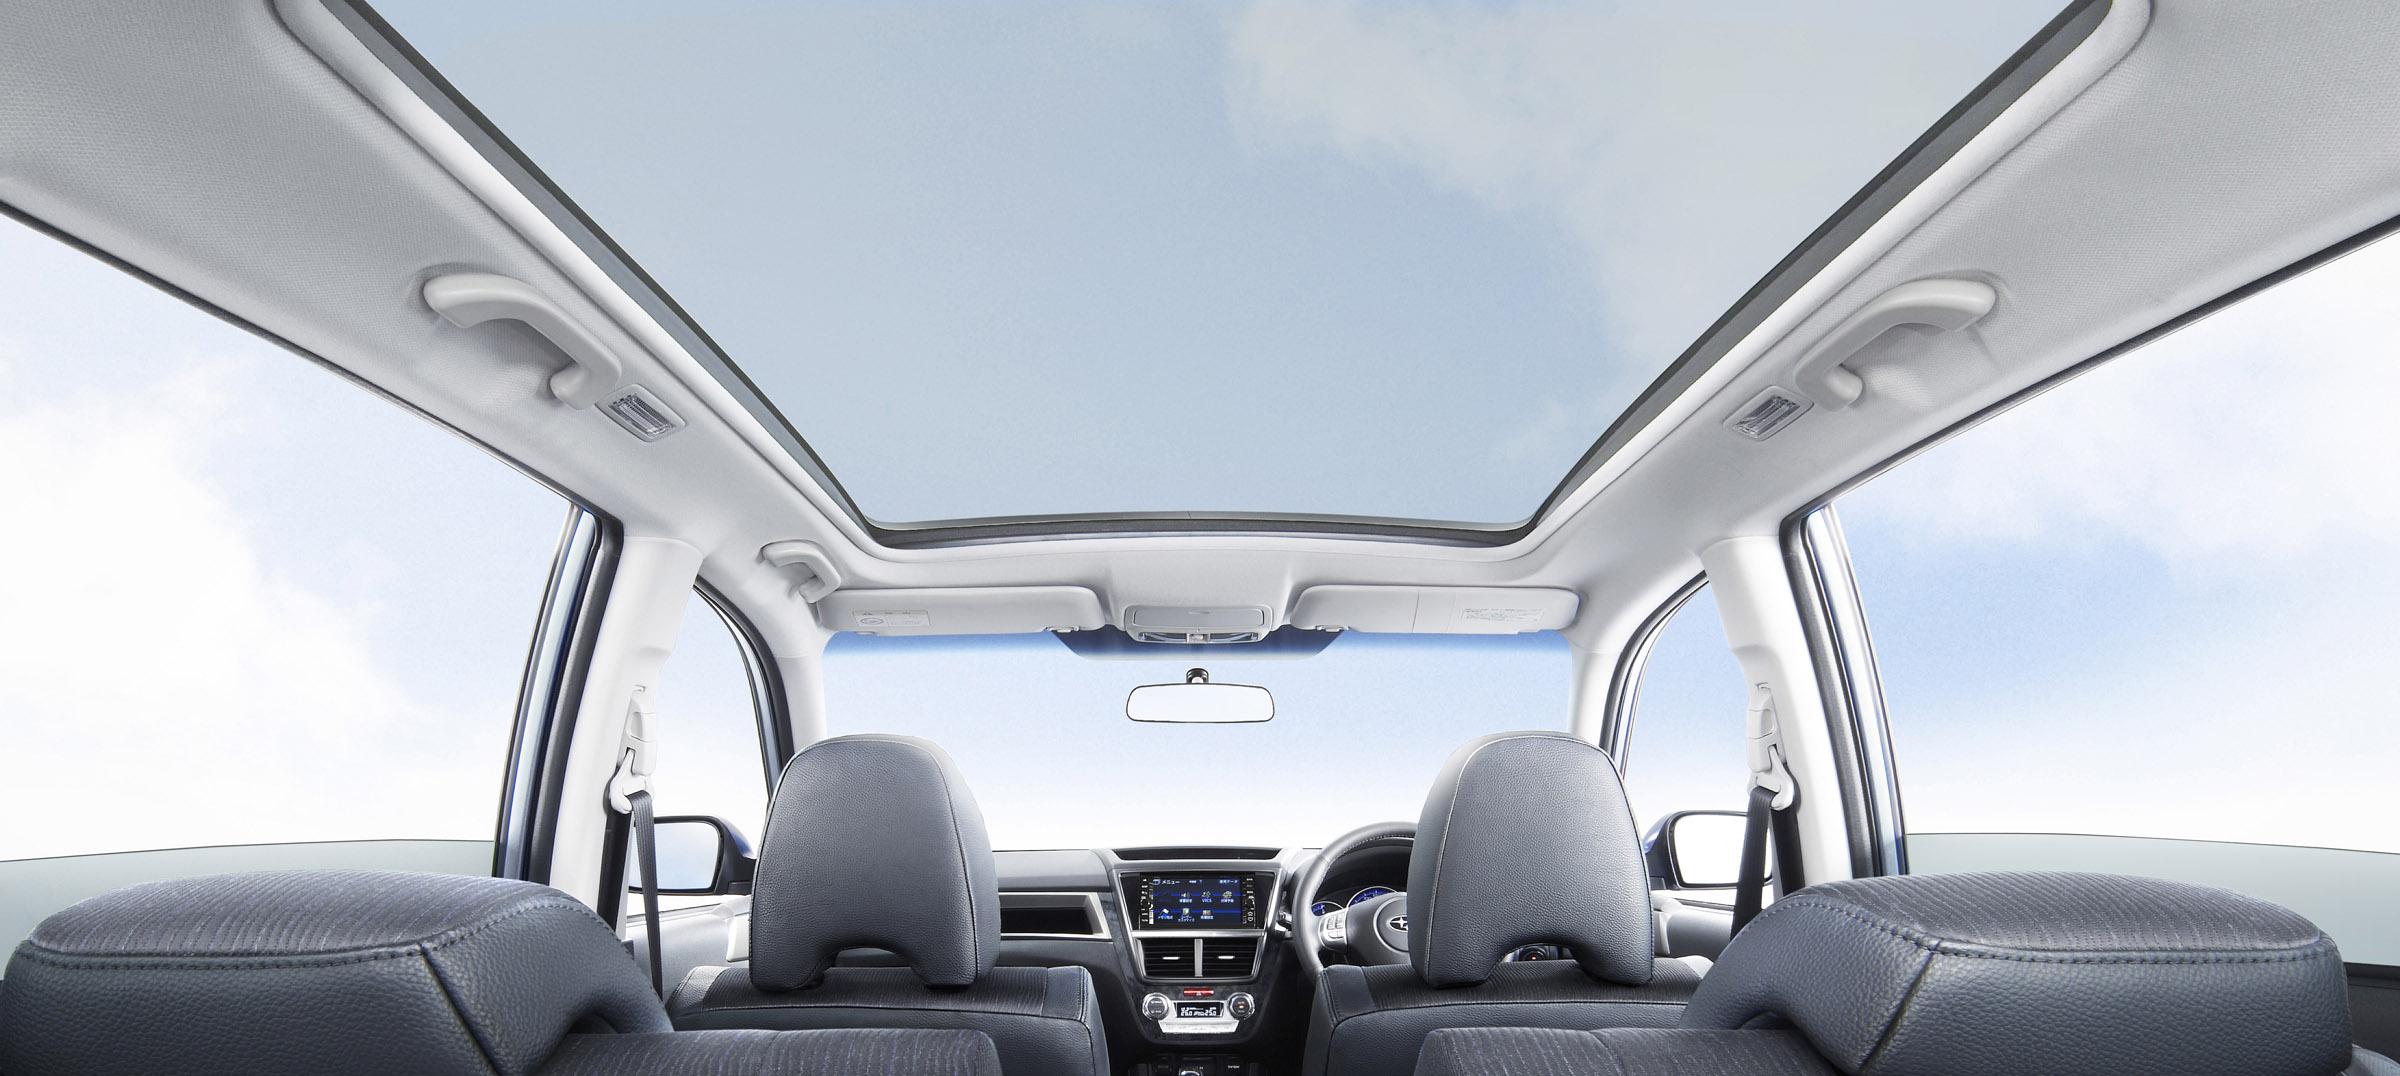 FHI представила новую модель Subaru EXIGA, семи-местный для Panorama Touring - фотография №8